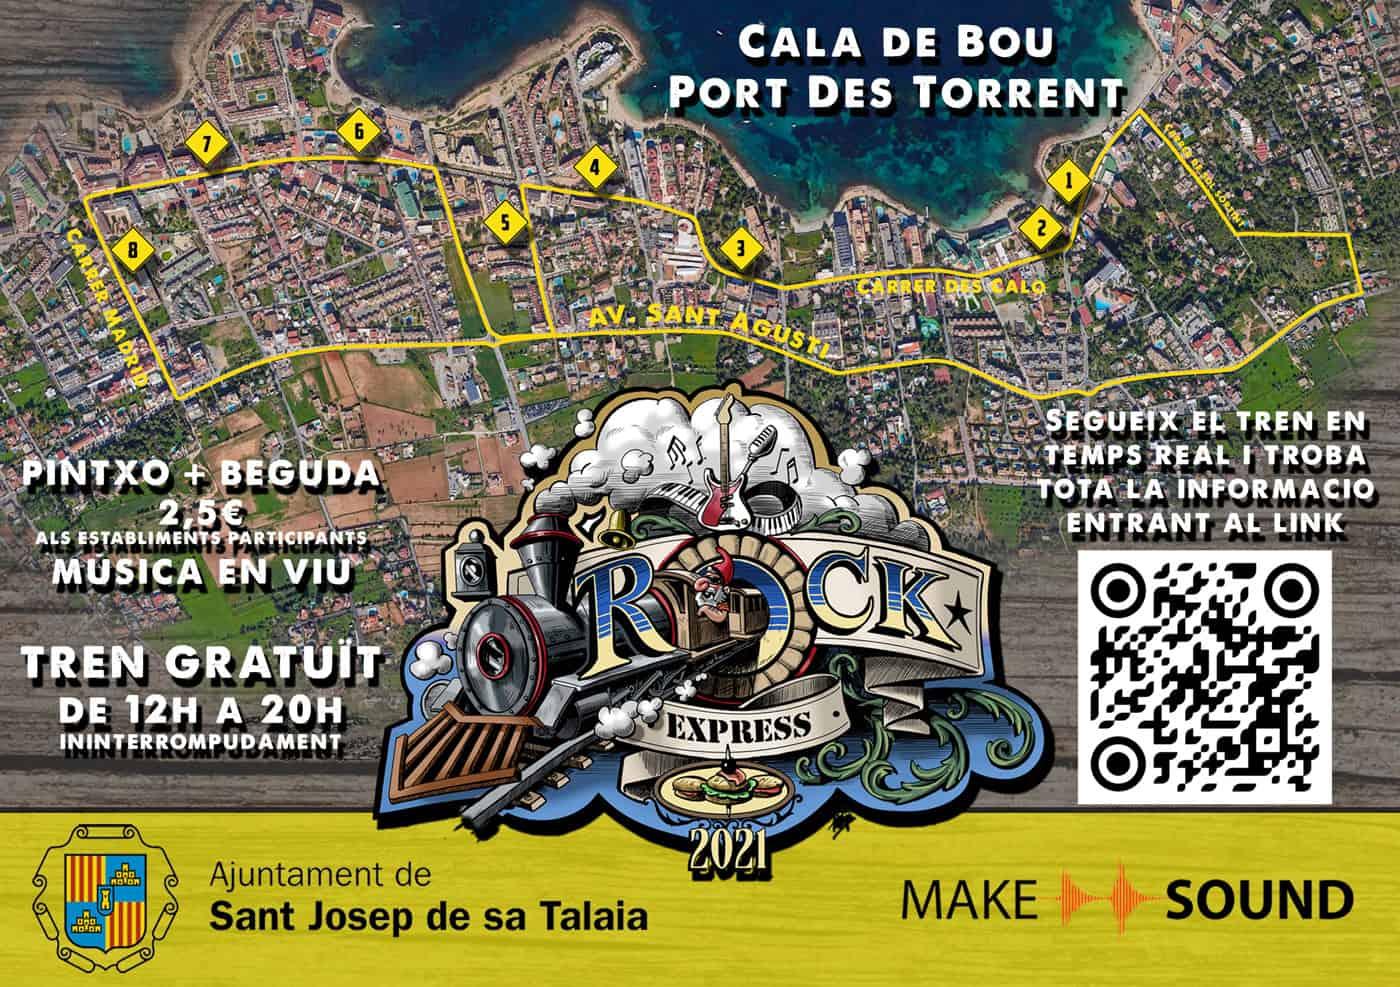 mapa-rock-exprés-cala-de-bou-port-des-torrent-Eivissa-2021-welcometoibiza